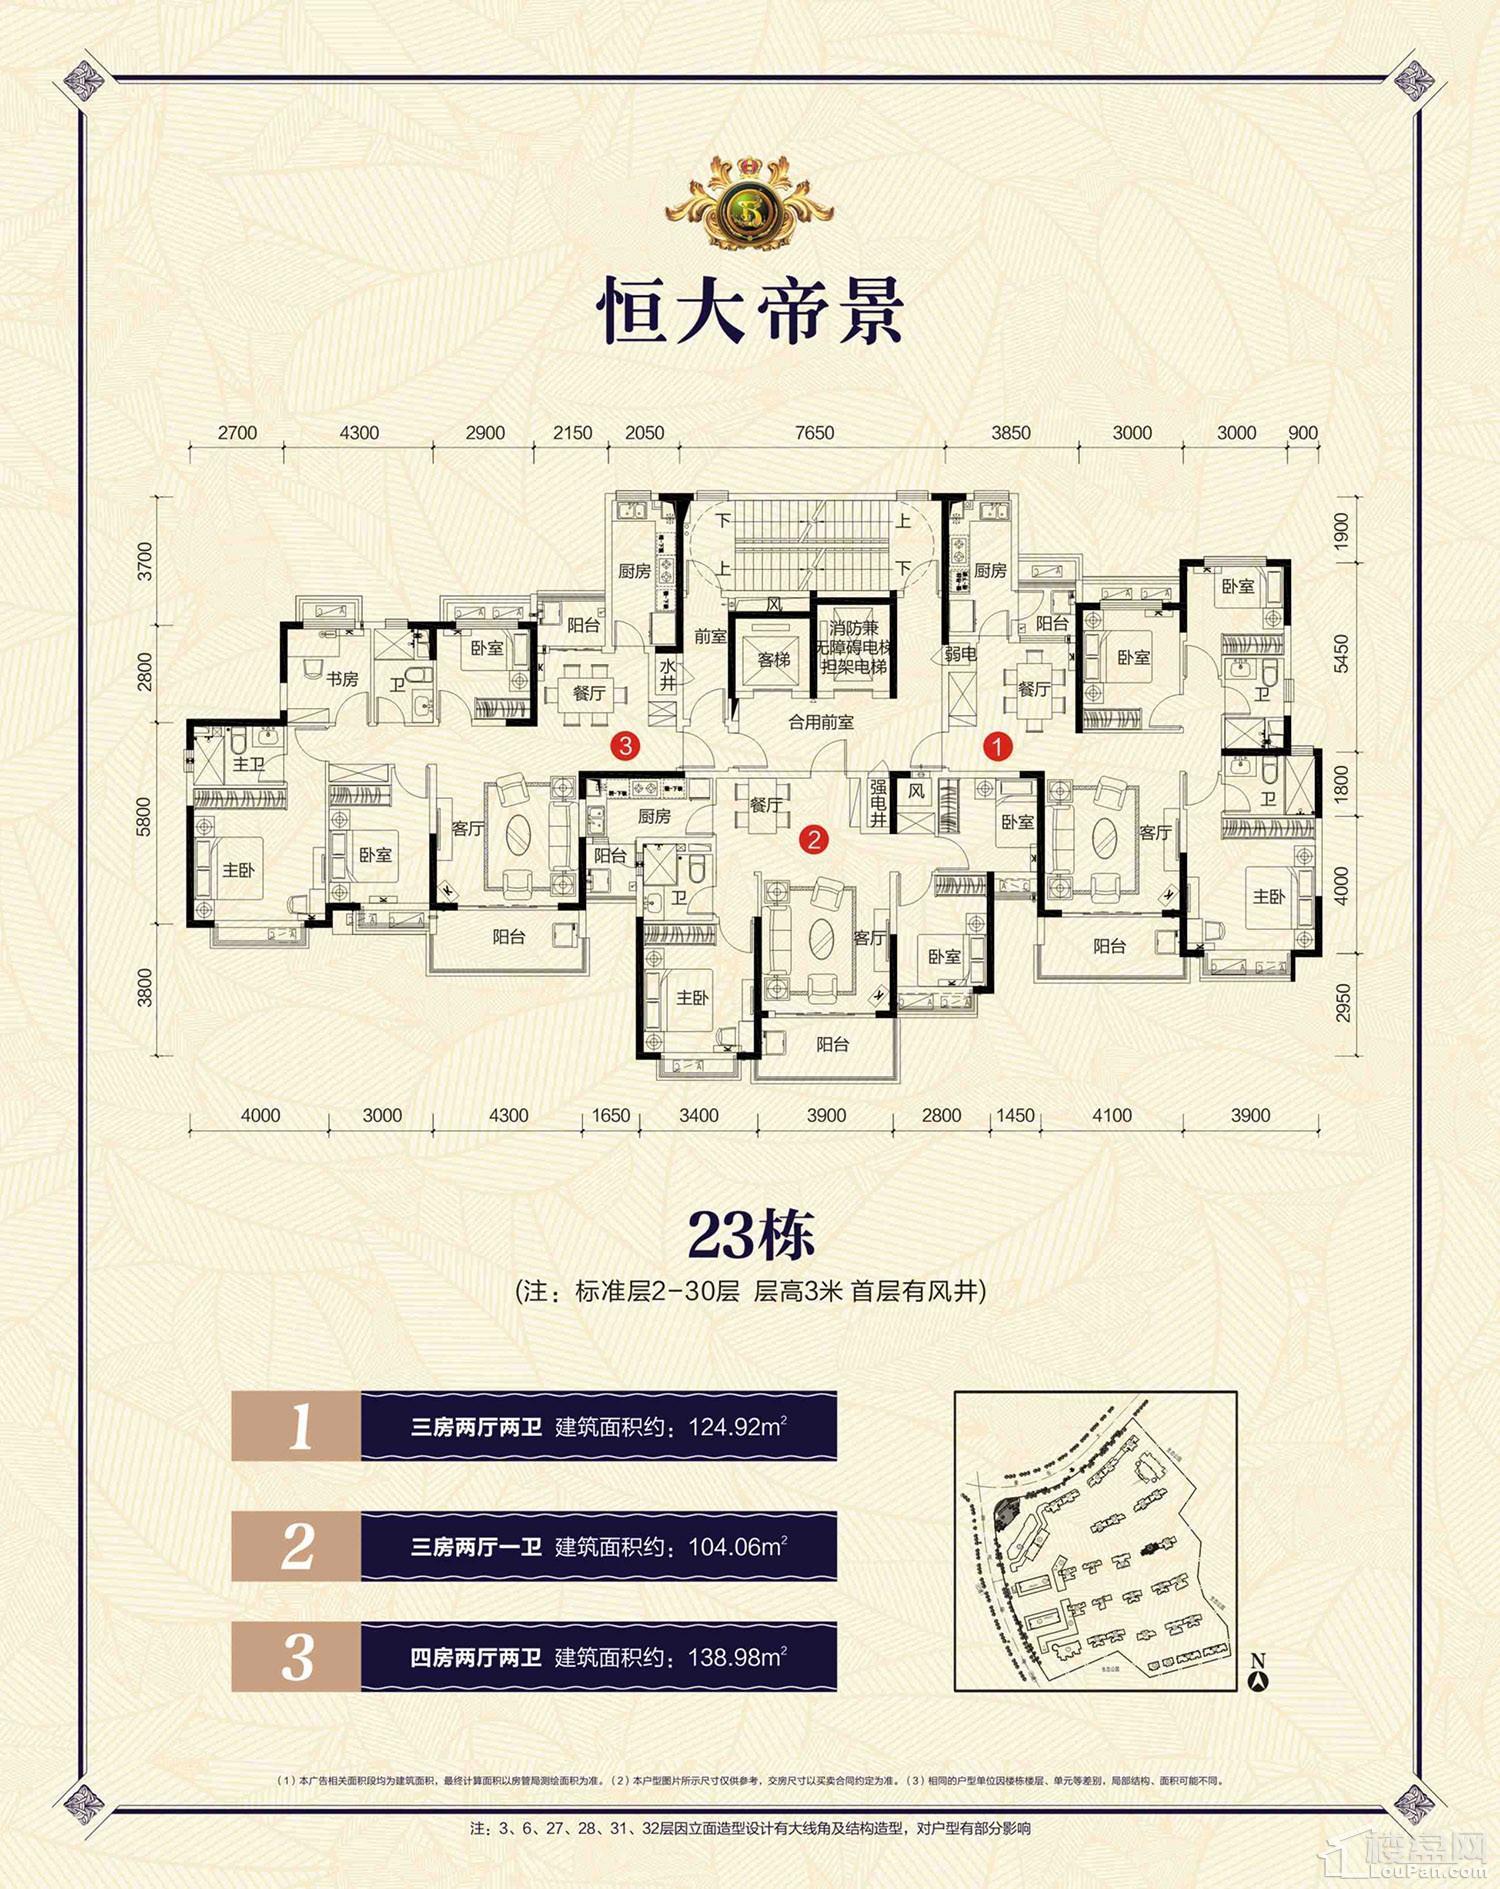 郴州恒大帝景23栋户型图